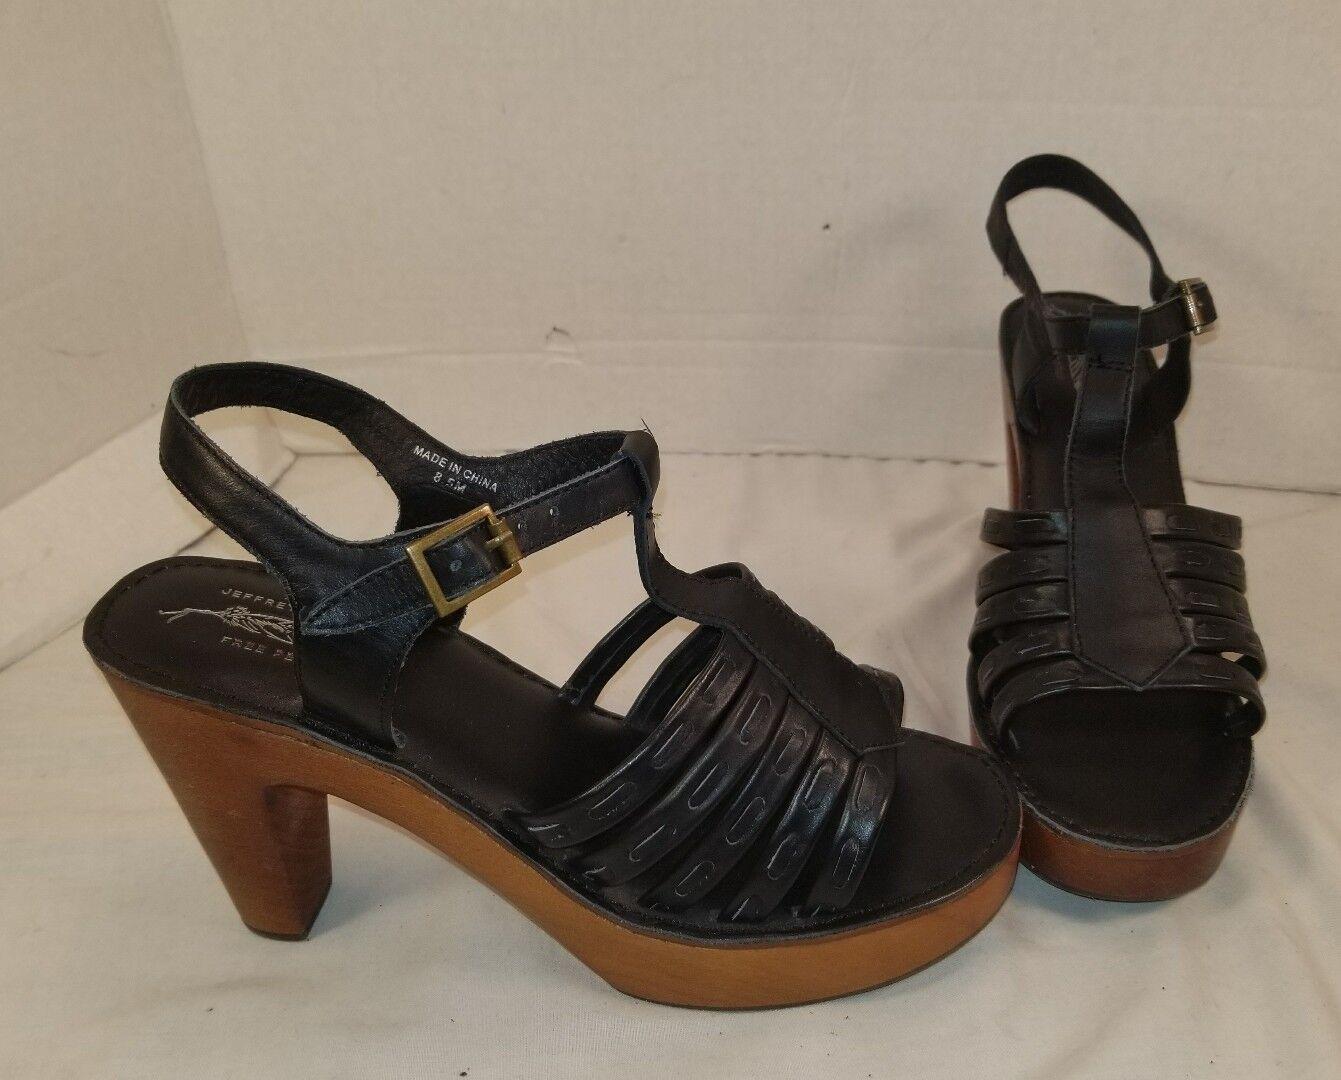 Nuevo libre la gente X Jeffrey Campbell Haven Negro Cuero Cuero Cuero Zuecos Zapatos EE. UU. 8.5  orden ahora disfrutar de gran descuento